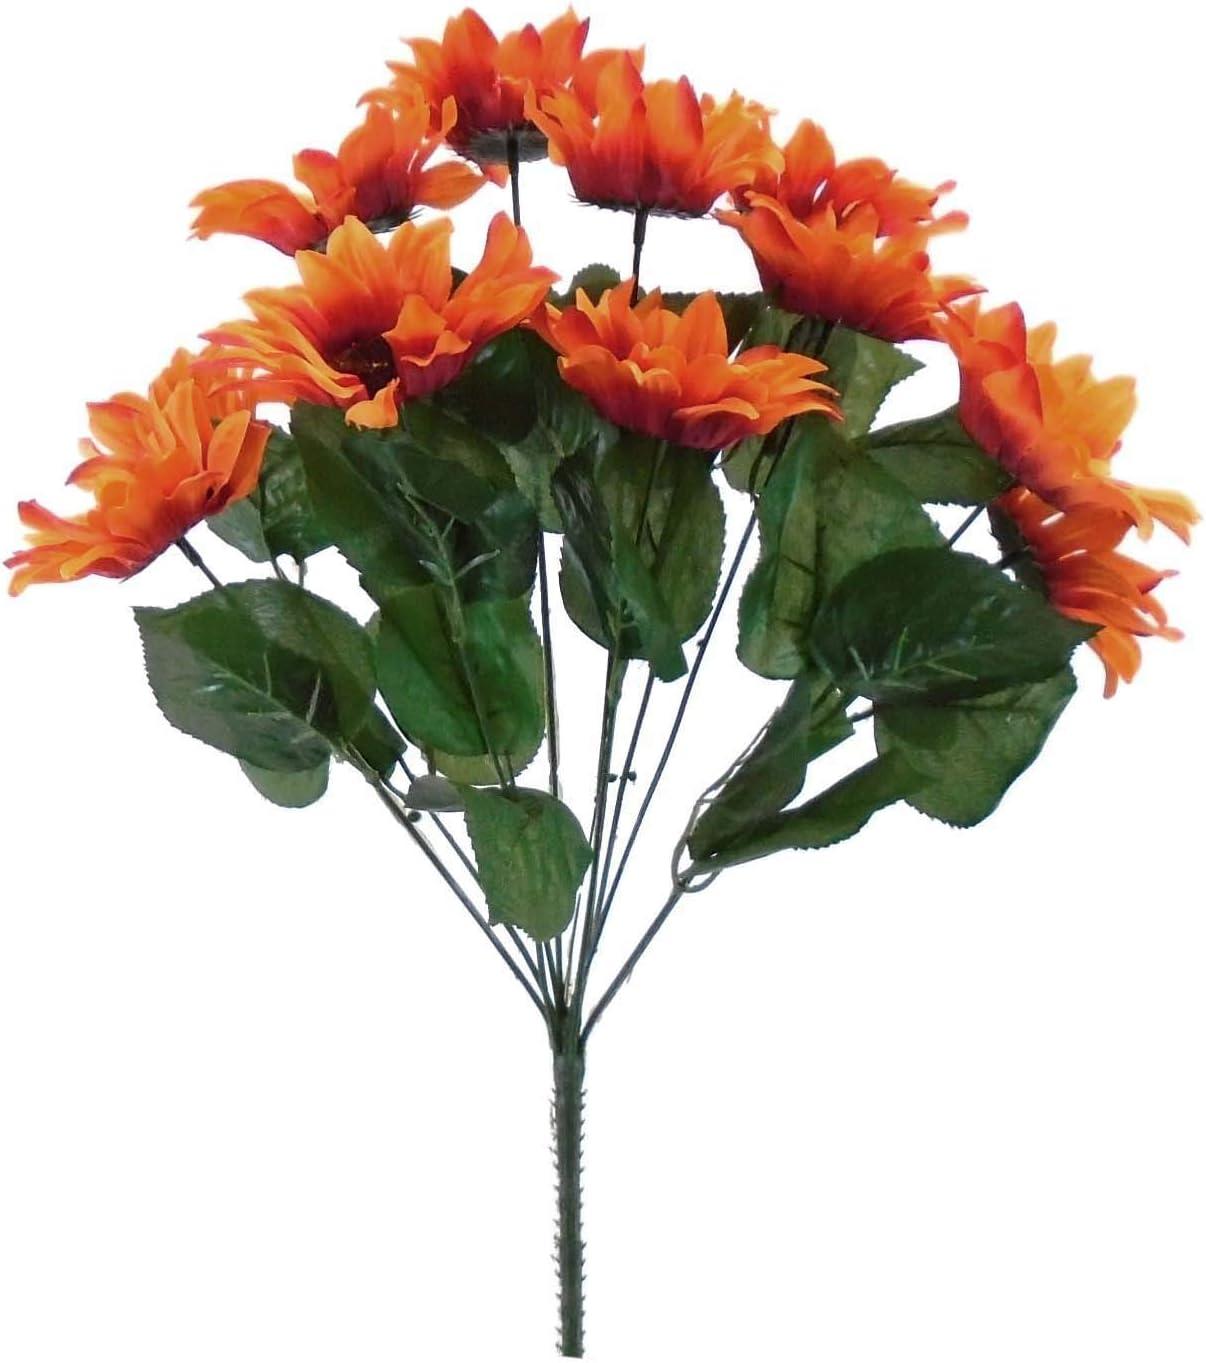 ORANGE Sunflowers Max 61% OFF Bush Satin Artificial Flowers supreme Bouquet 11-4 19